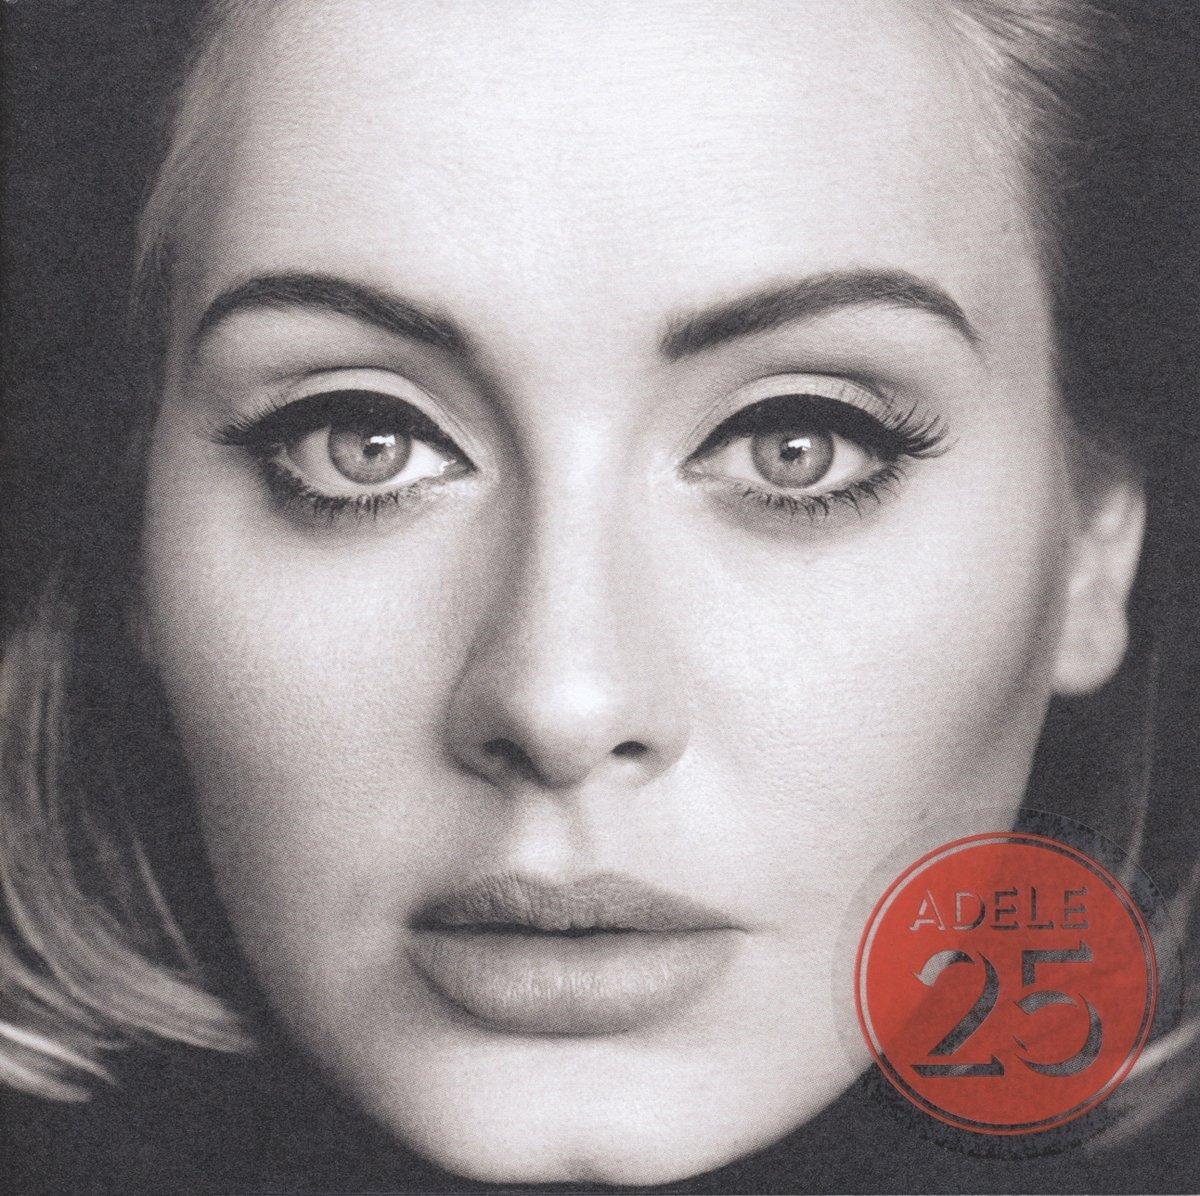 Adele 25 amazon